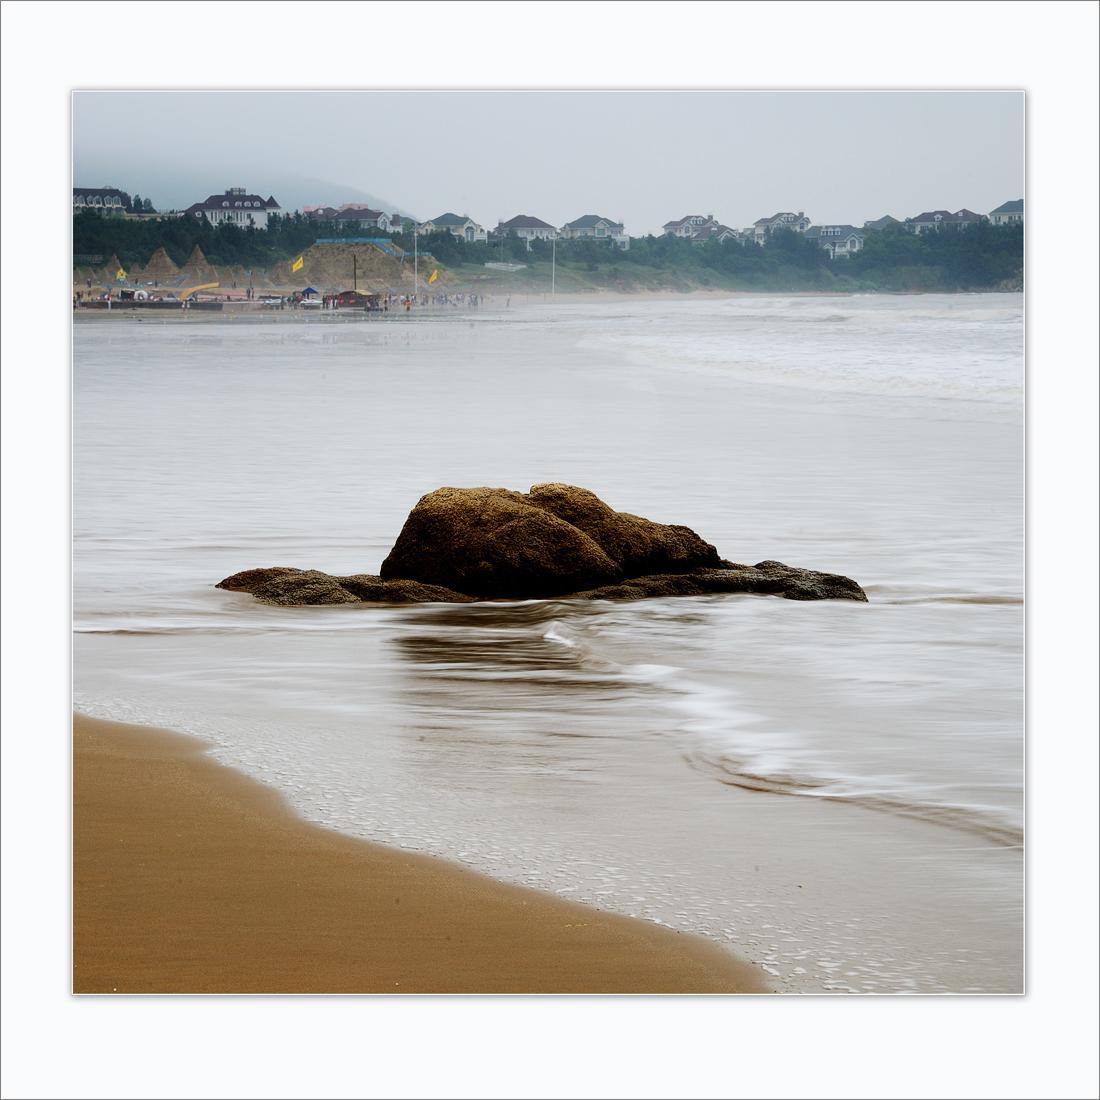 wsz作品:沙滩小景